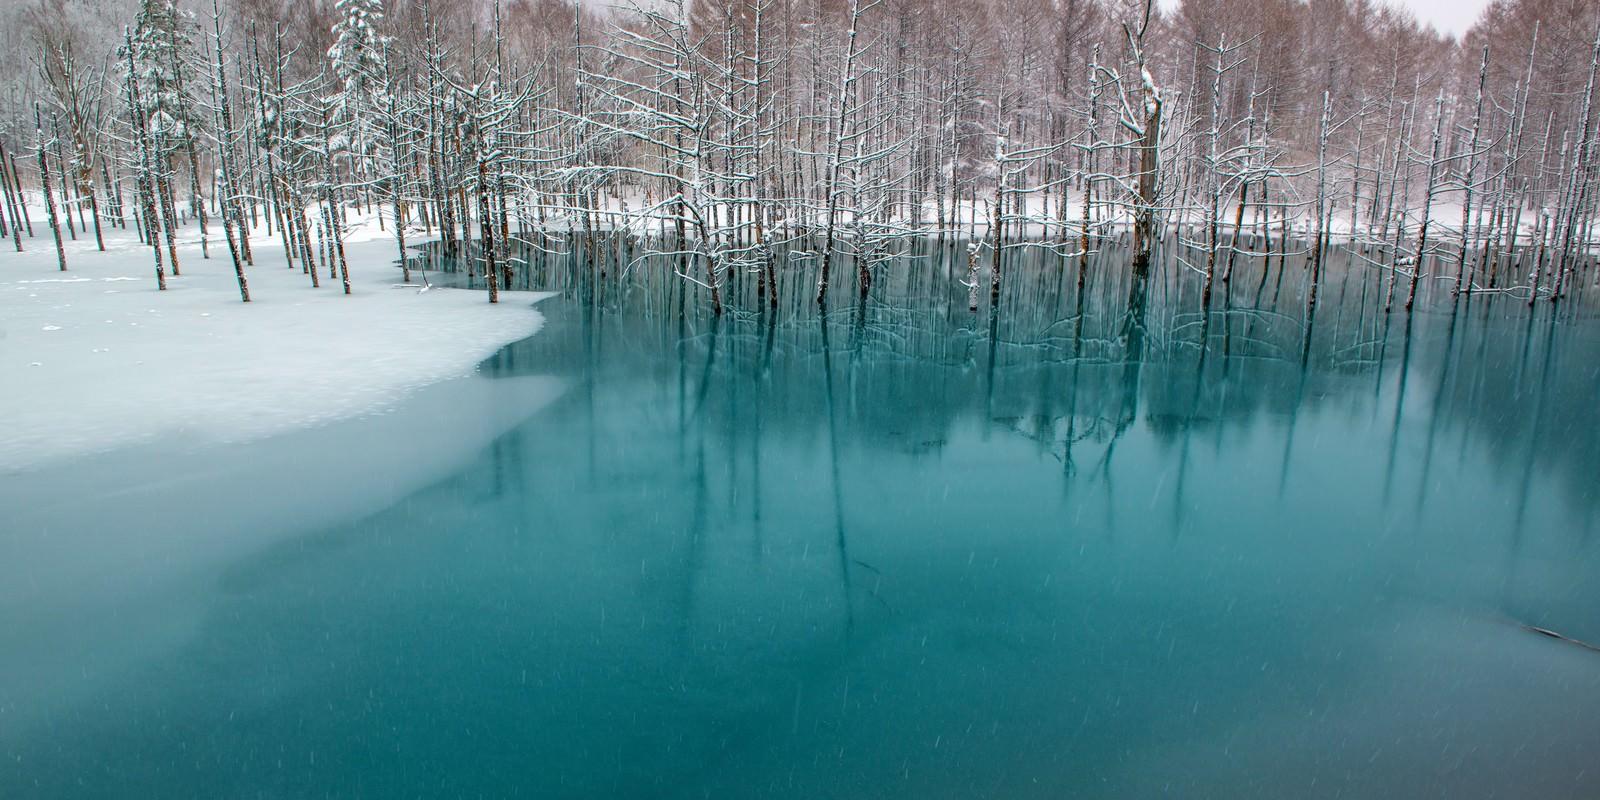 「北海道美瑛の青い池北海道美瑛の青い池」のフリー写真素材を拡大